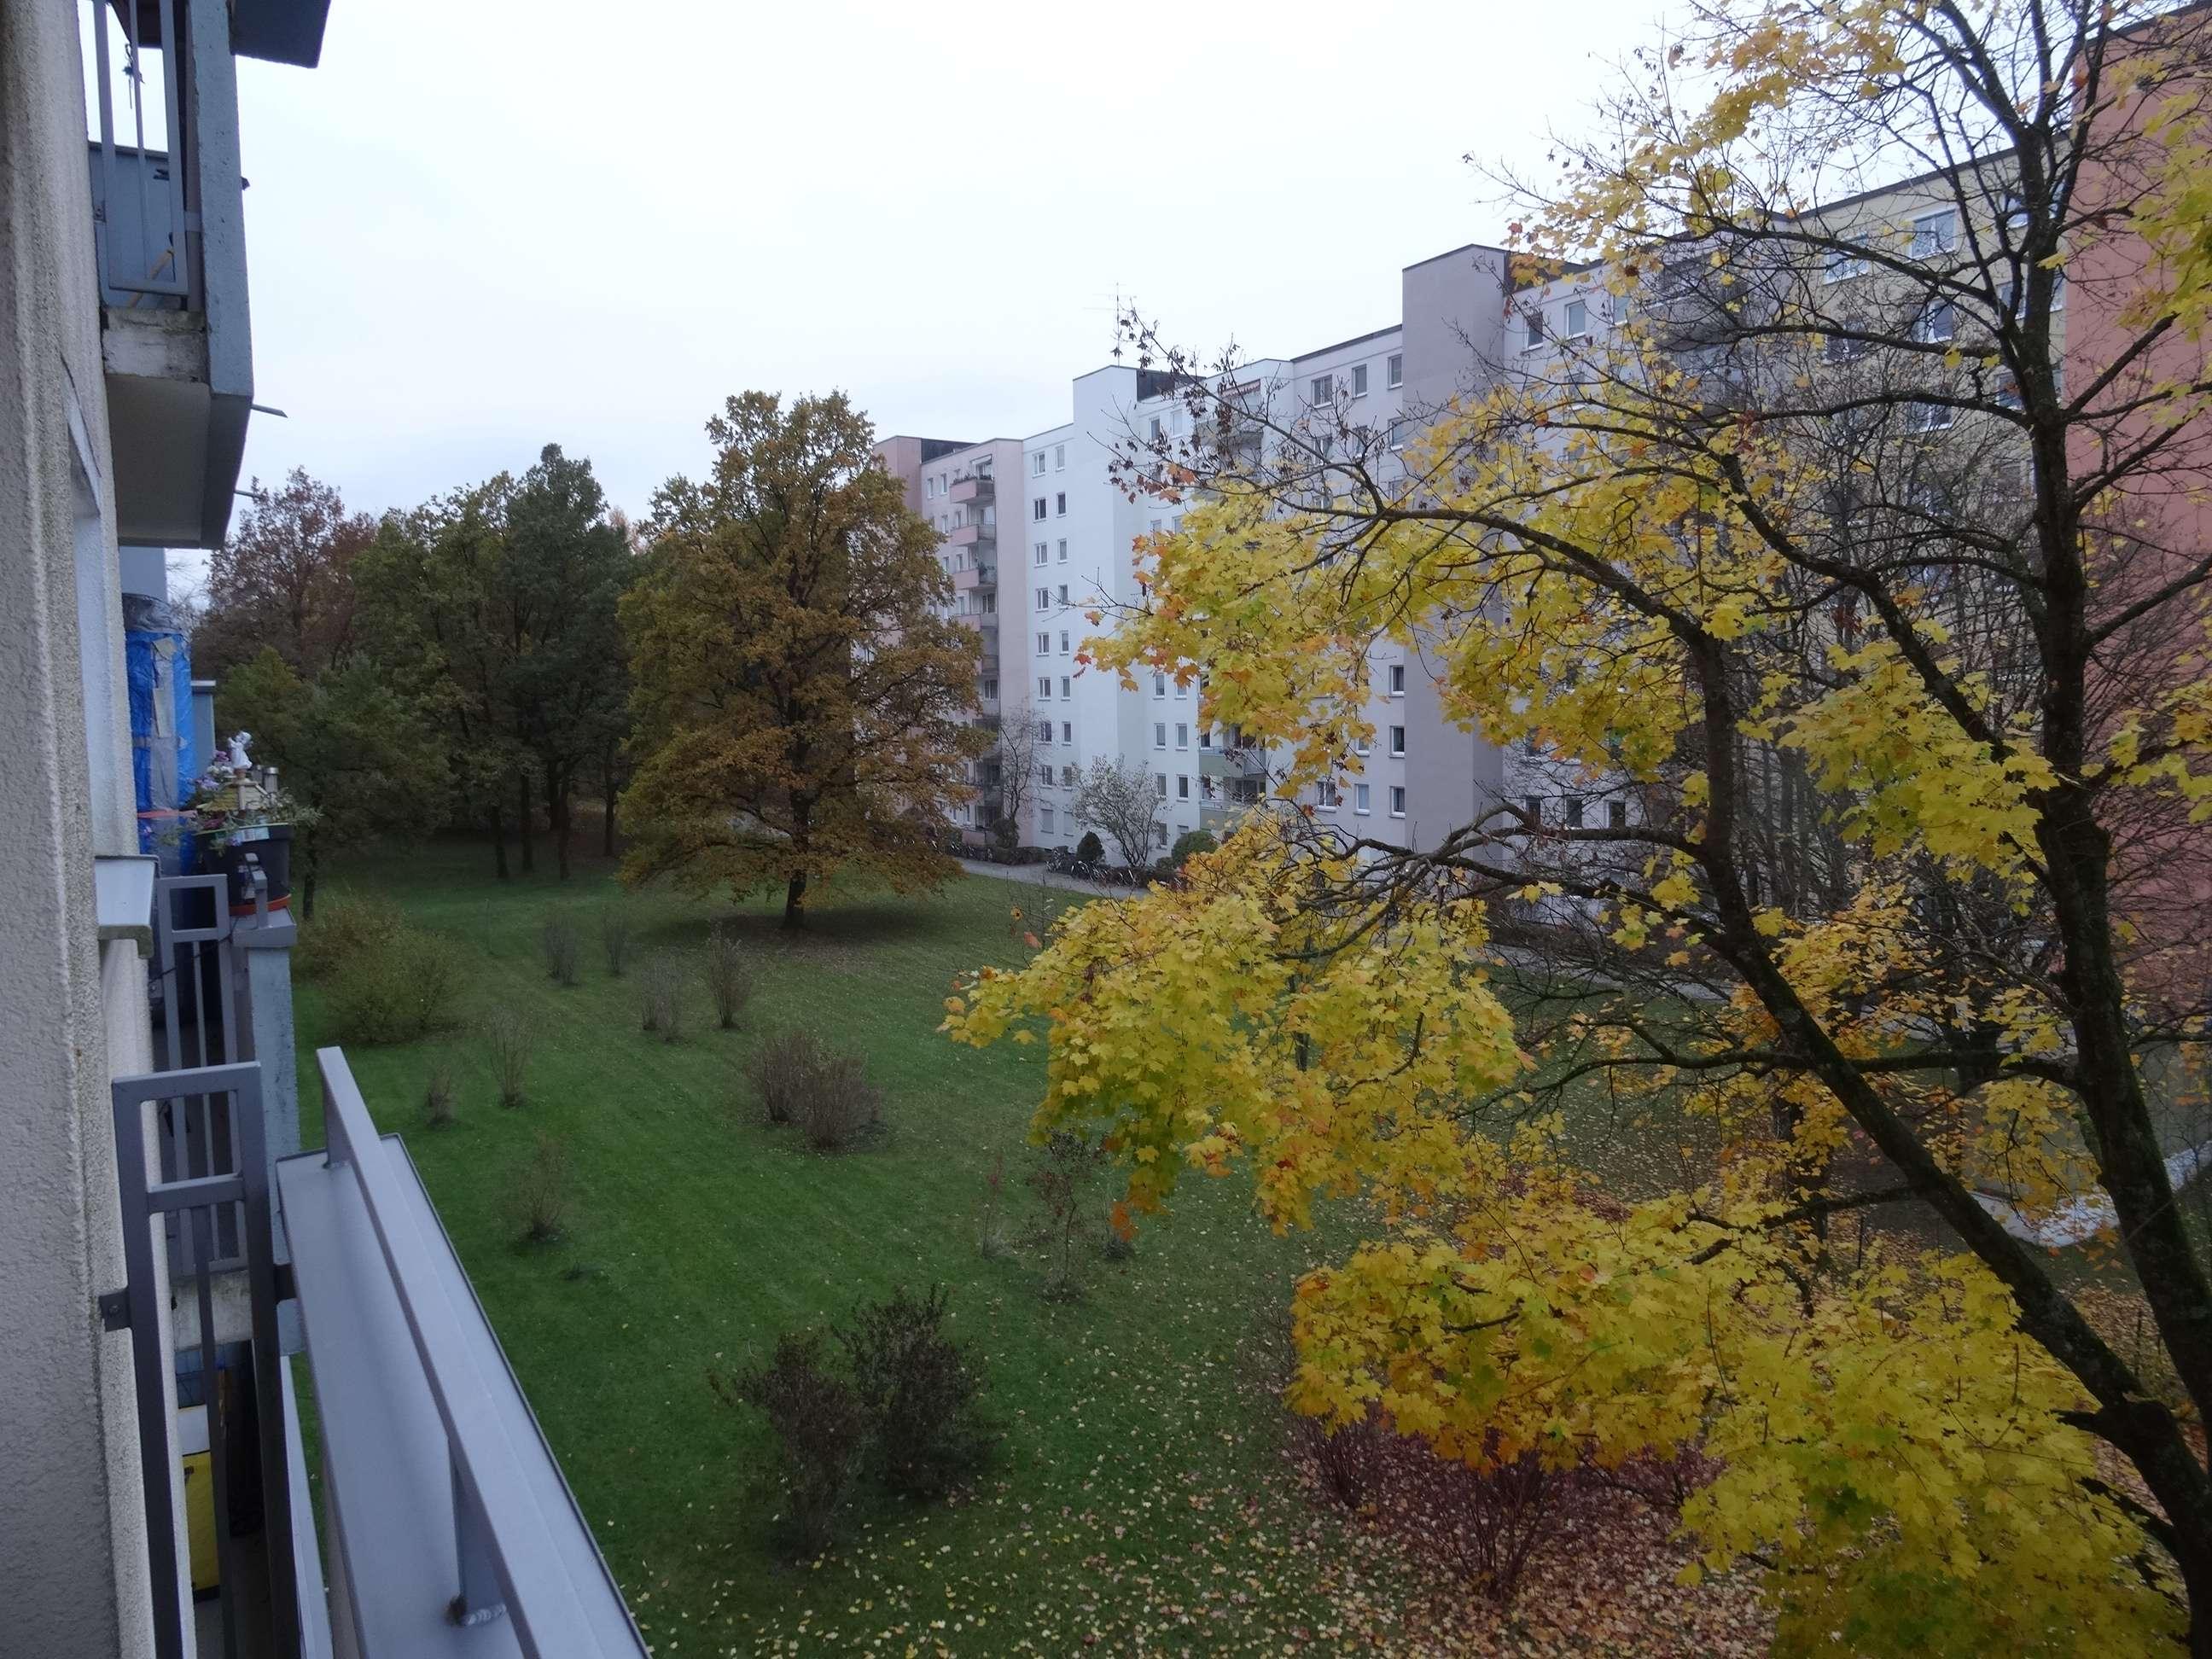 Stilvolle 3-Zimmer-Wohnung mit Balkon und Einbauküche in Fürstenried, München in Fürstenried (München)